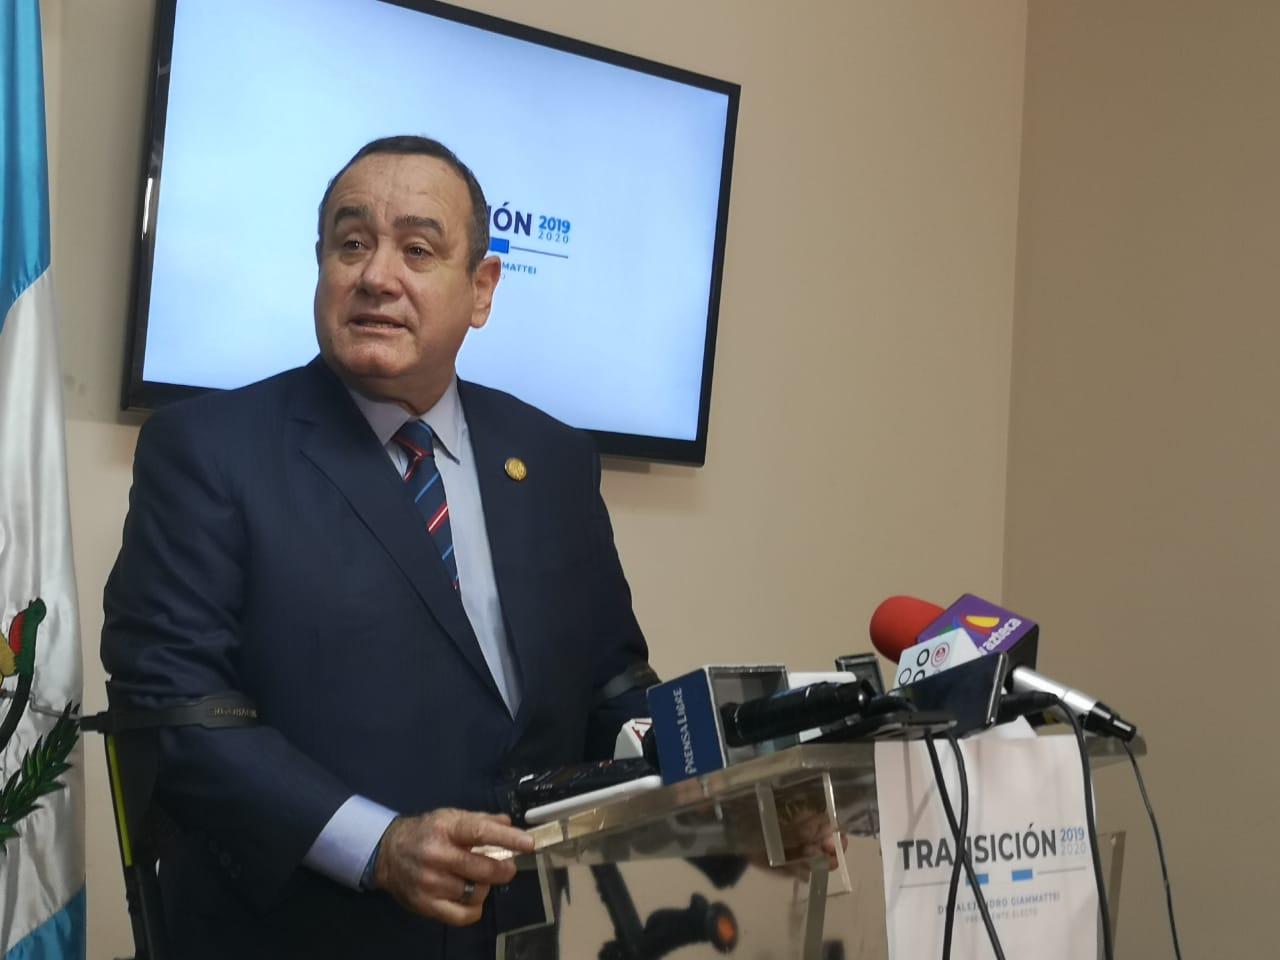 Giammattei crítica amparo provisional de la Corte de Constitucionalidad